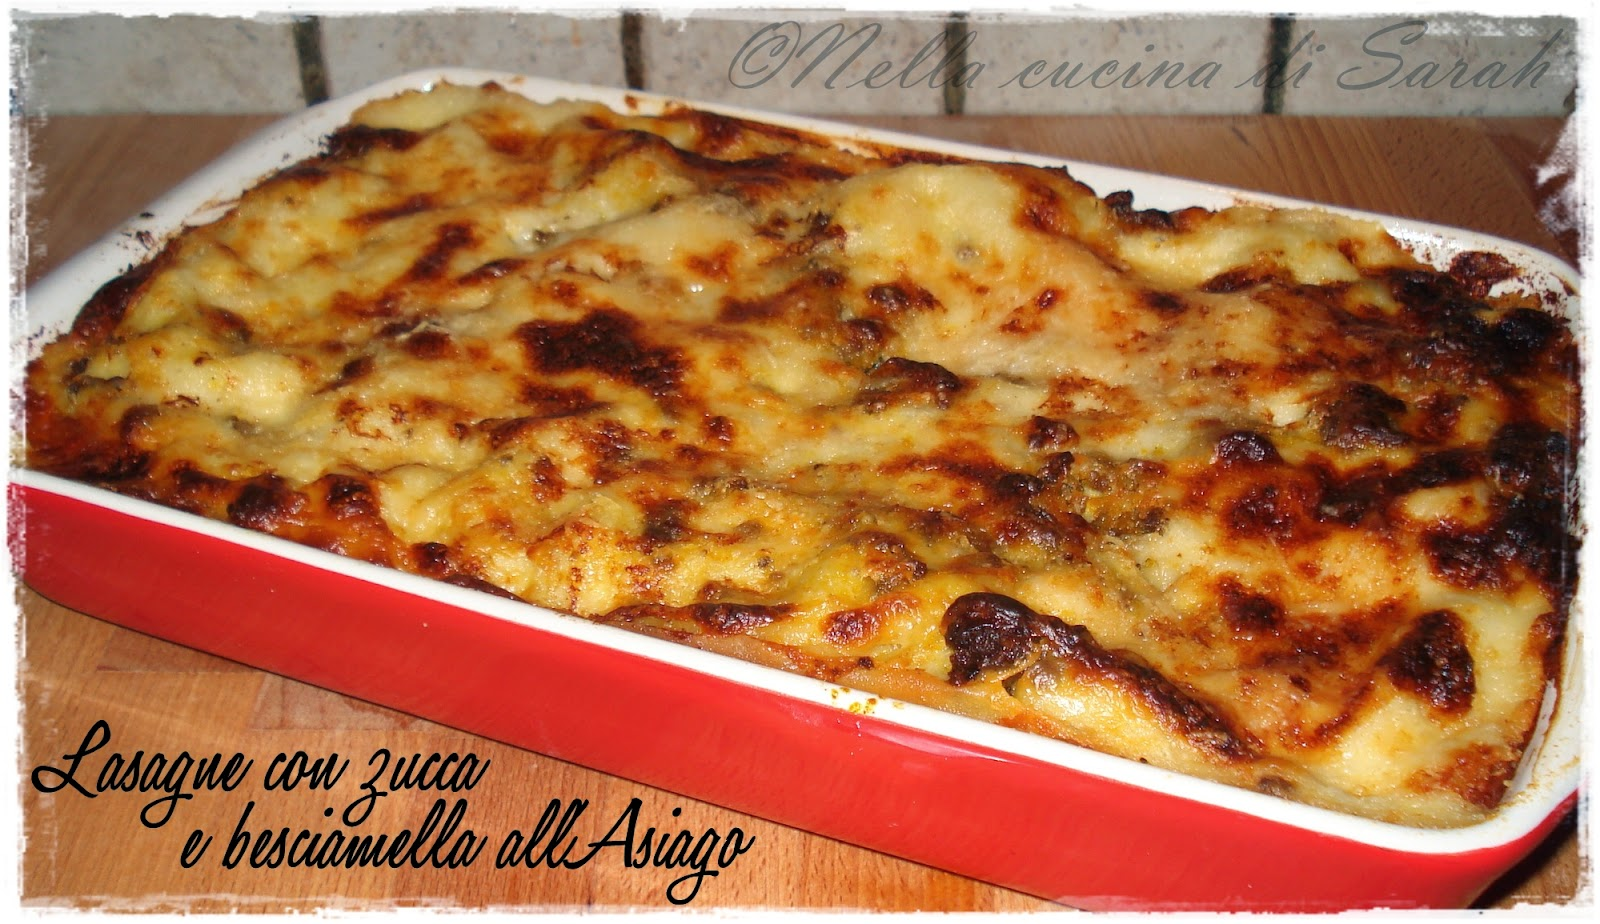 mtc ~ lasagne con zucca e besciamella all'asiago